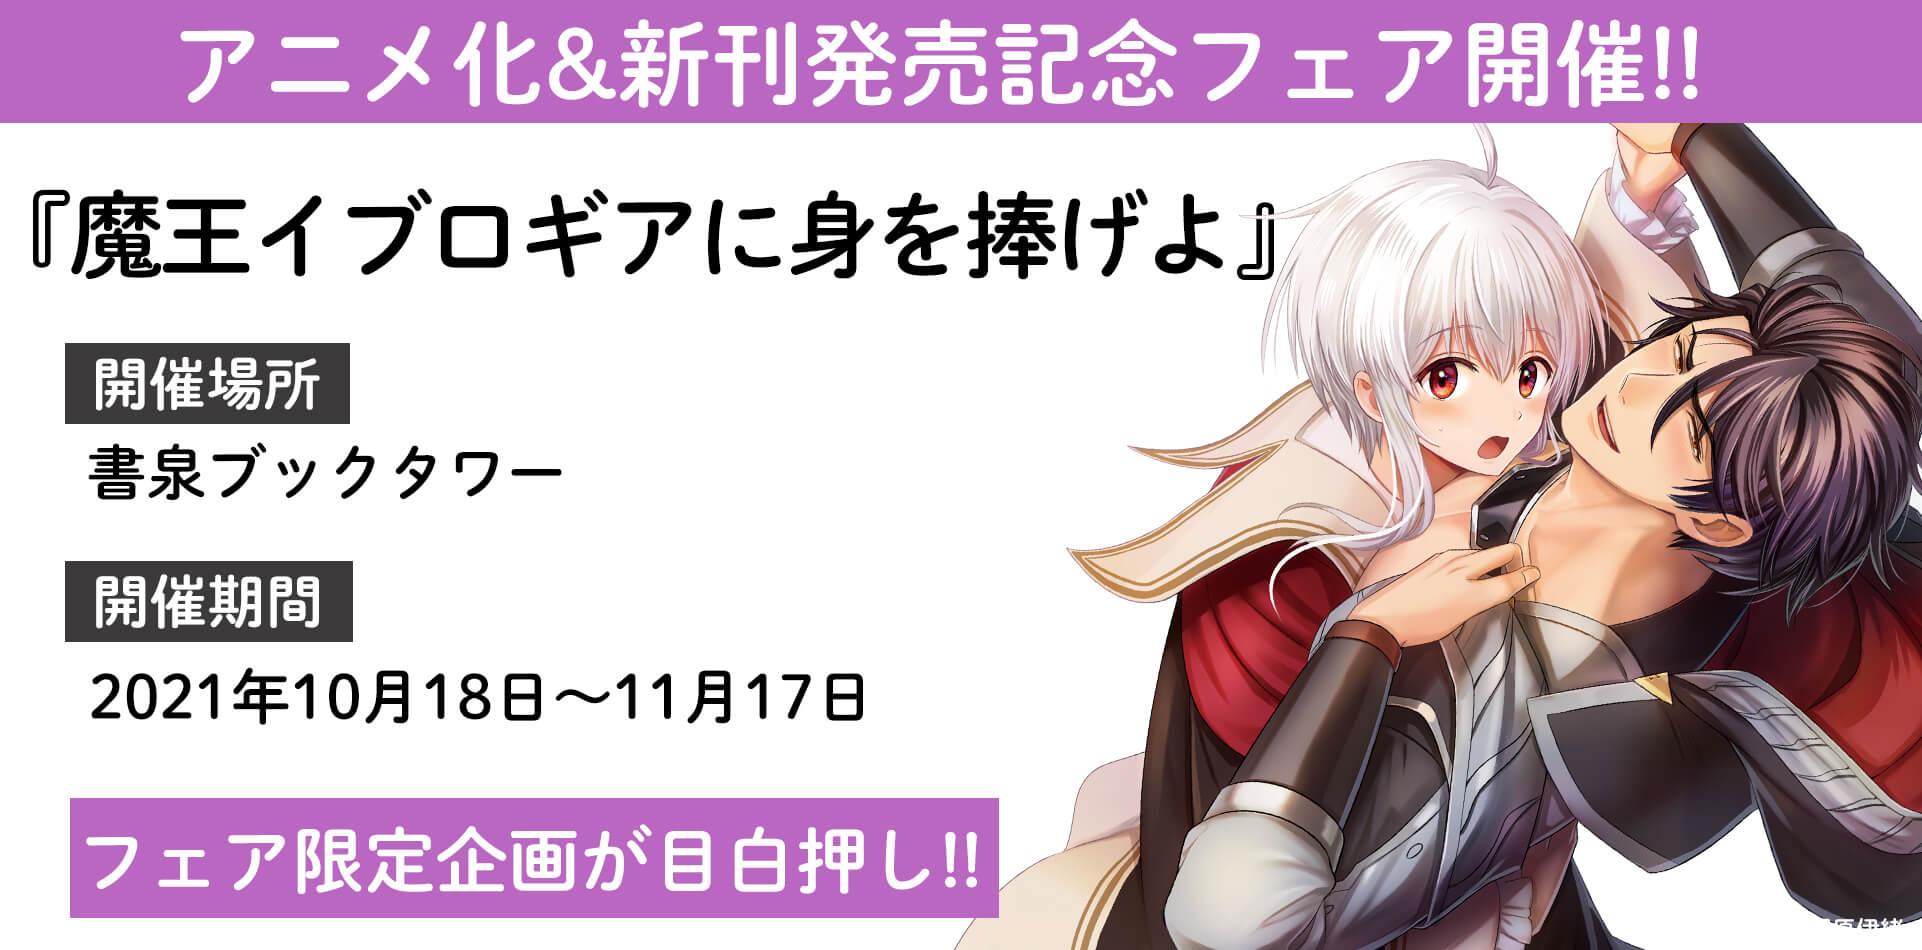 TVアニメ化&「魔王イブロギアに身を捧げよ2」発売記念フェア in 書泉ブックタワー